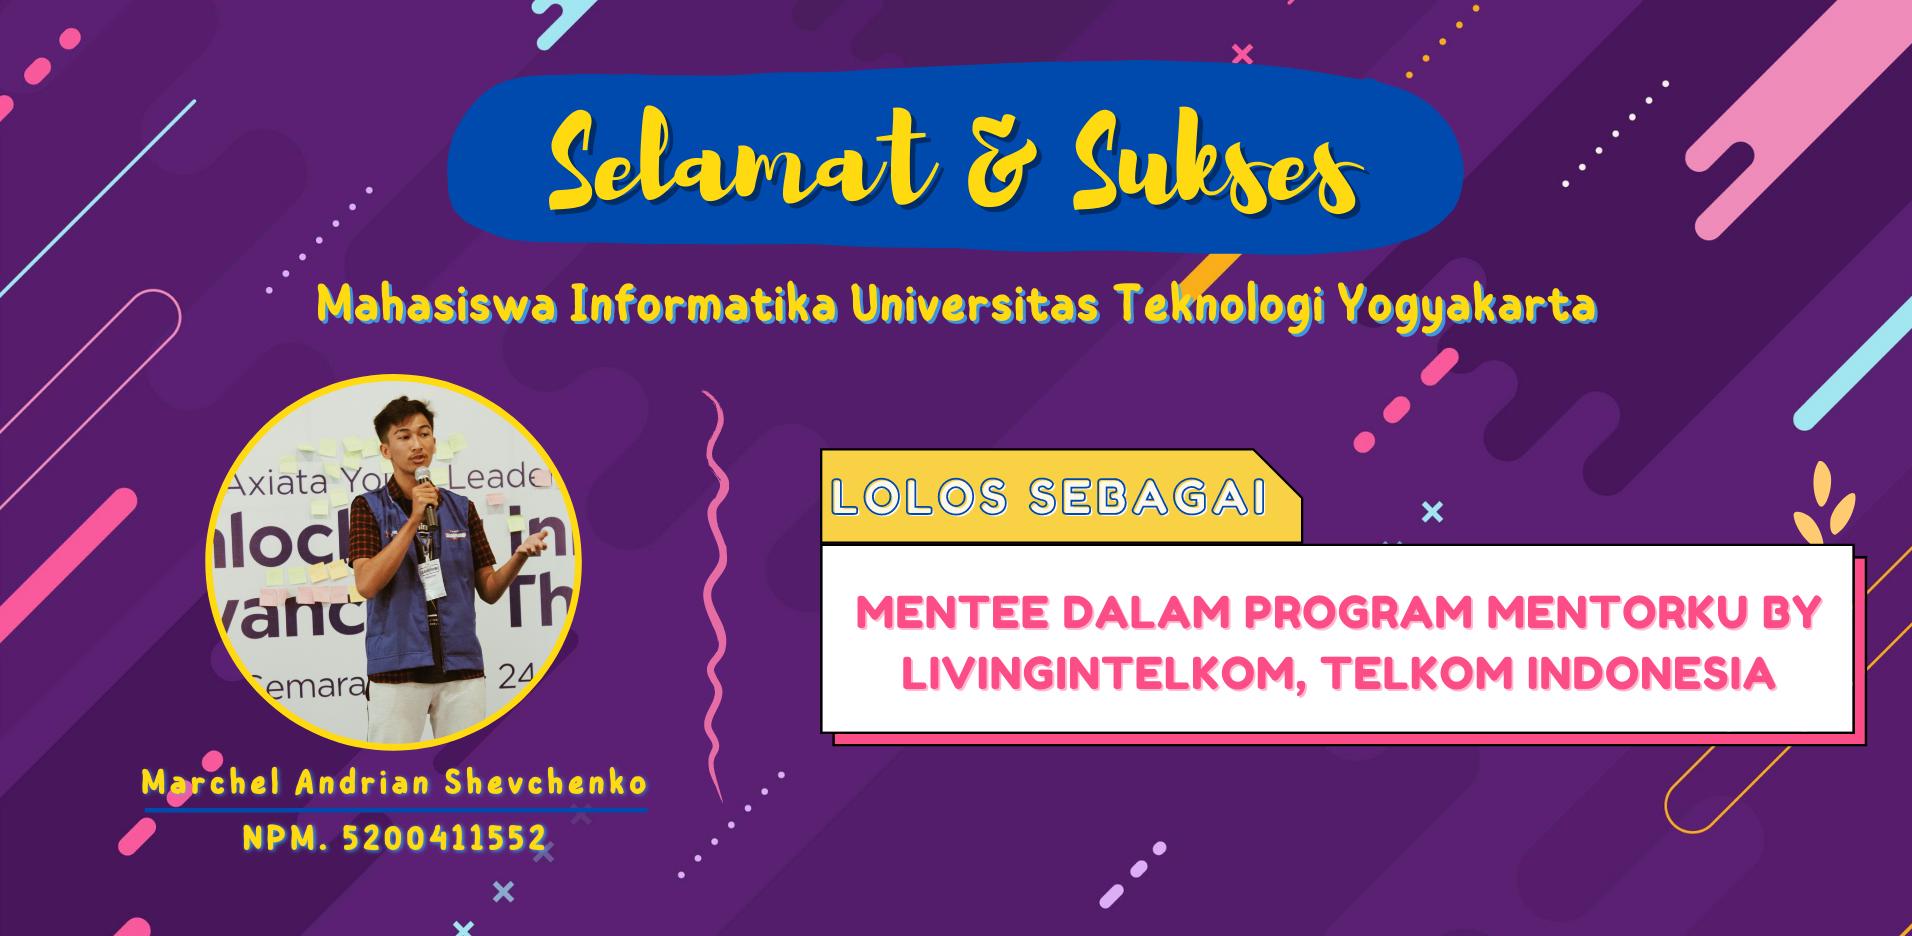 Mahasiswa UTY Terpilih Ikuti Program MentorKU dari Telkom Indonesia